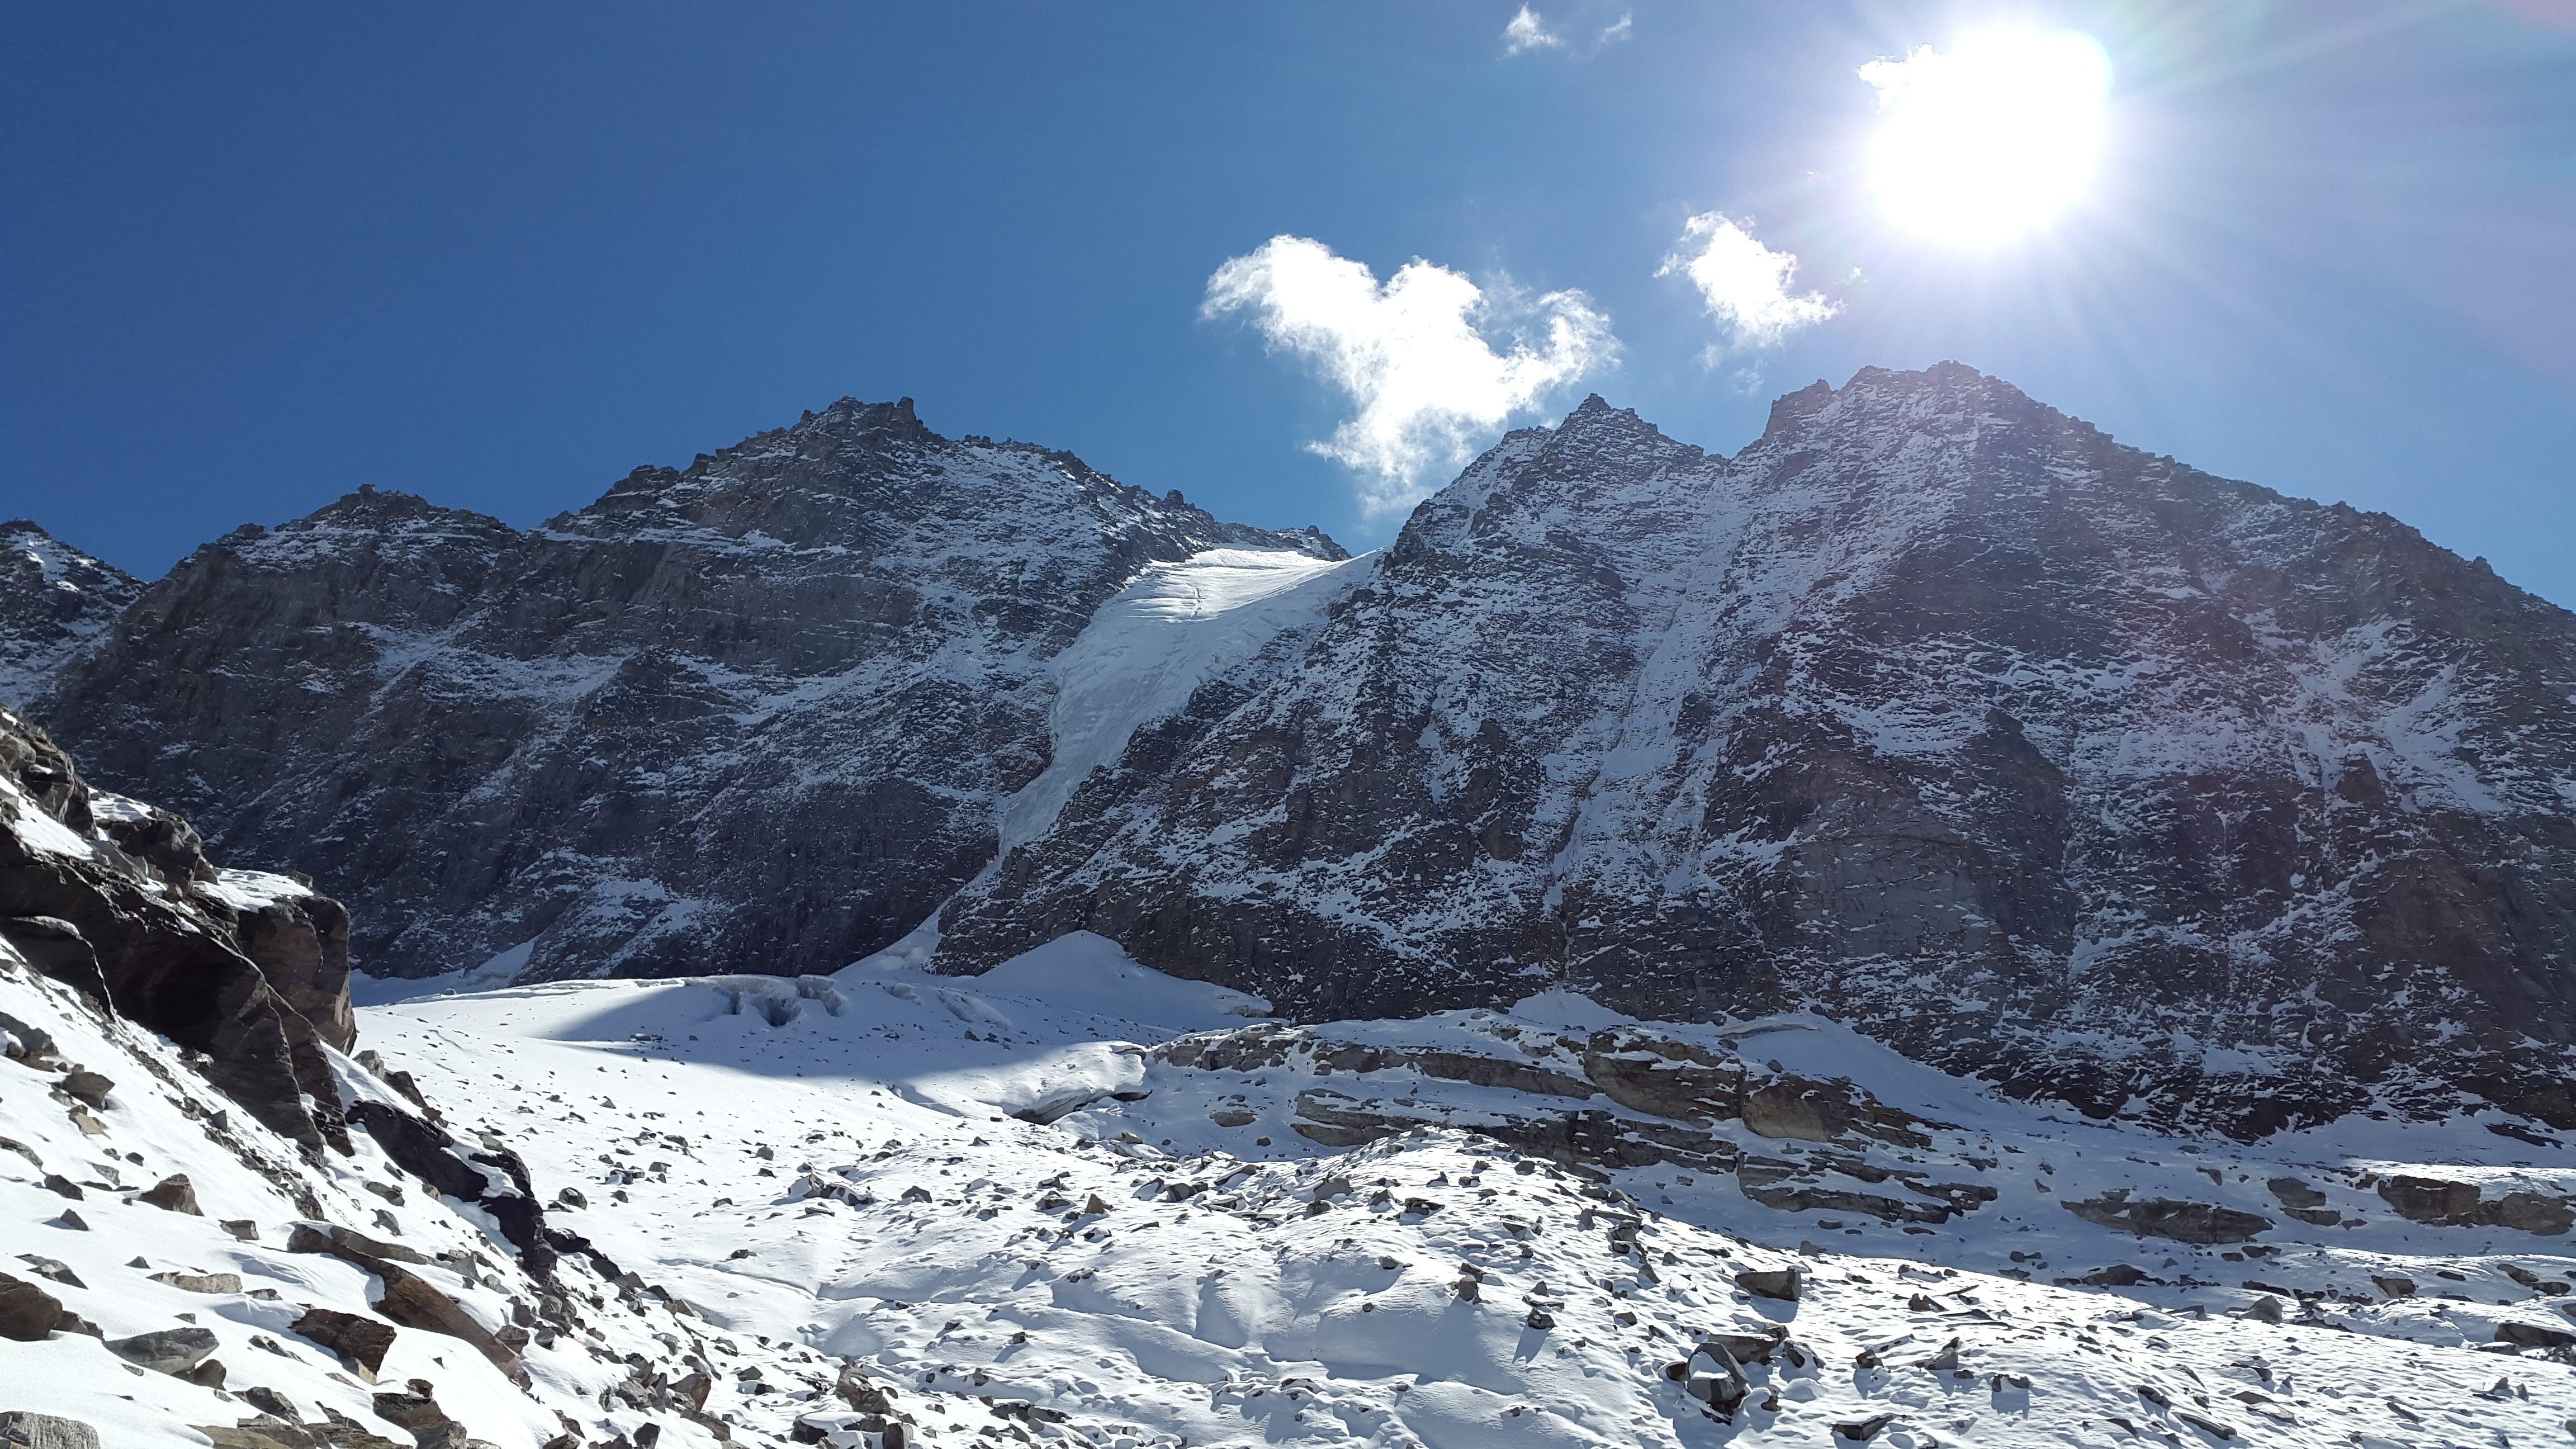 冬季, 冷, 天性, 太陽 的 免費圖庫相片